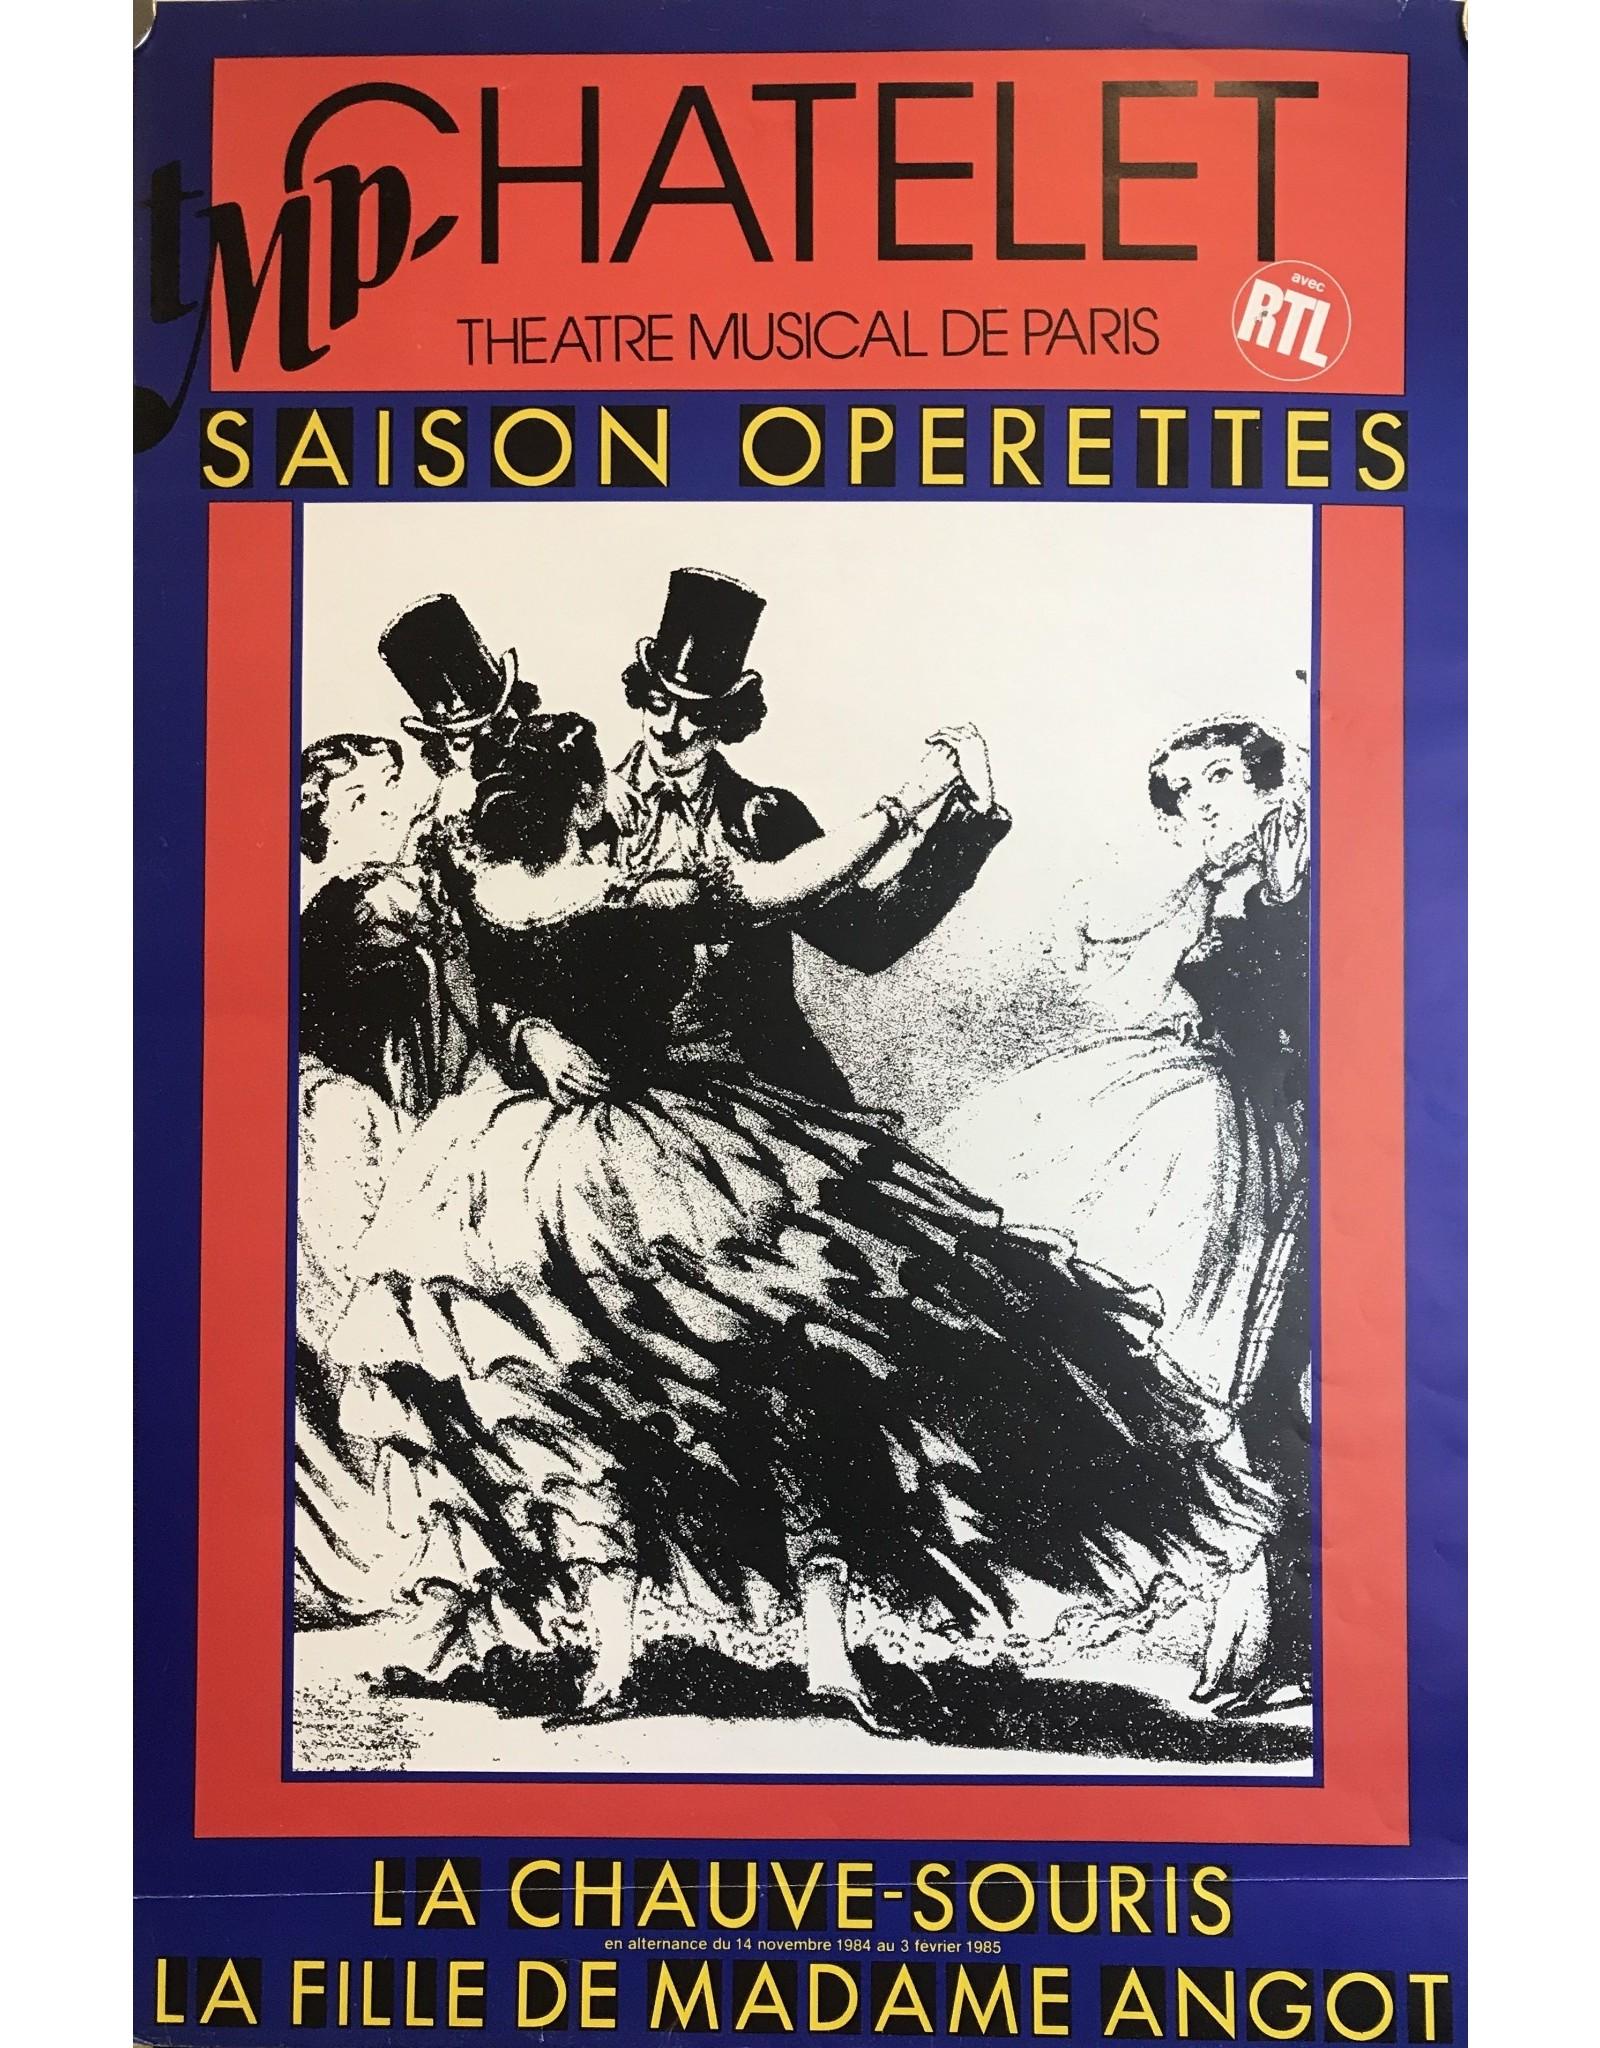 SPV Chatelet Saison Operettes